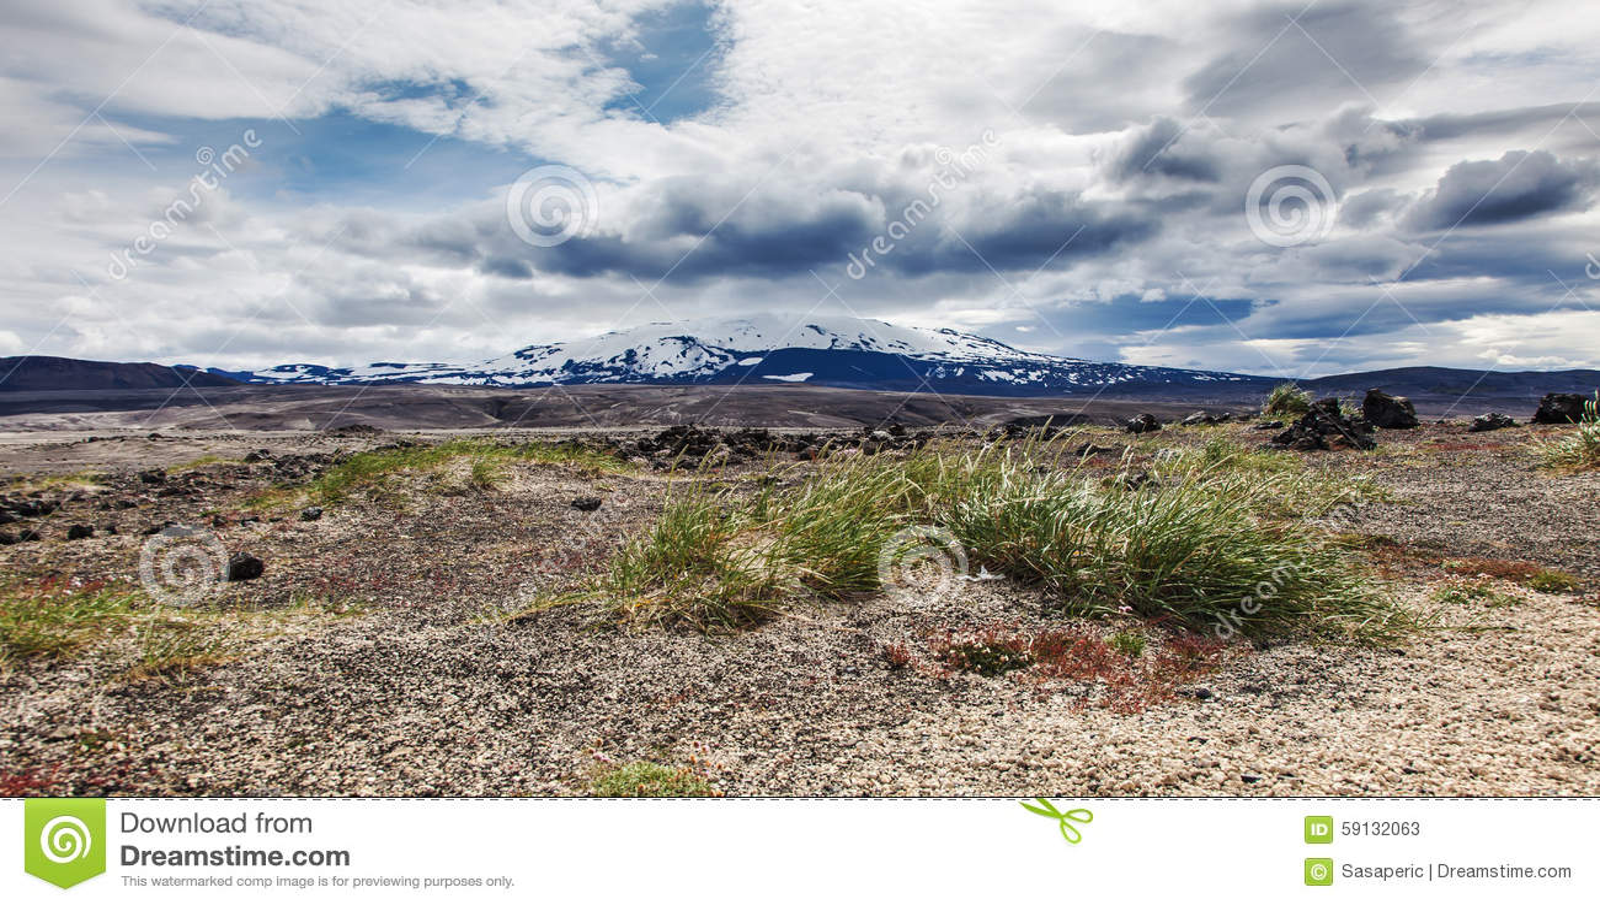 paysage volcanique terre en friche de pierre et de cendre photo stock image 59132063. Black Bedroom Furniture Sets. Home Design Ideas